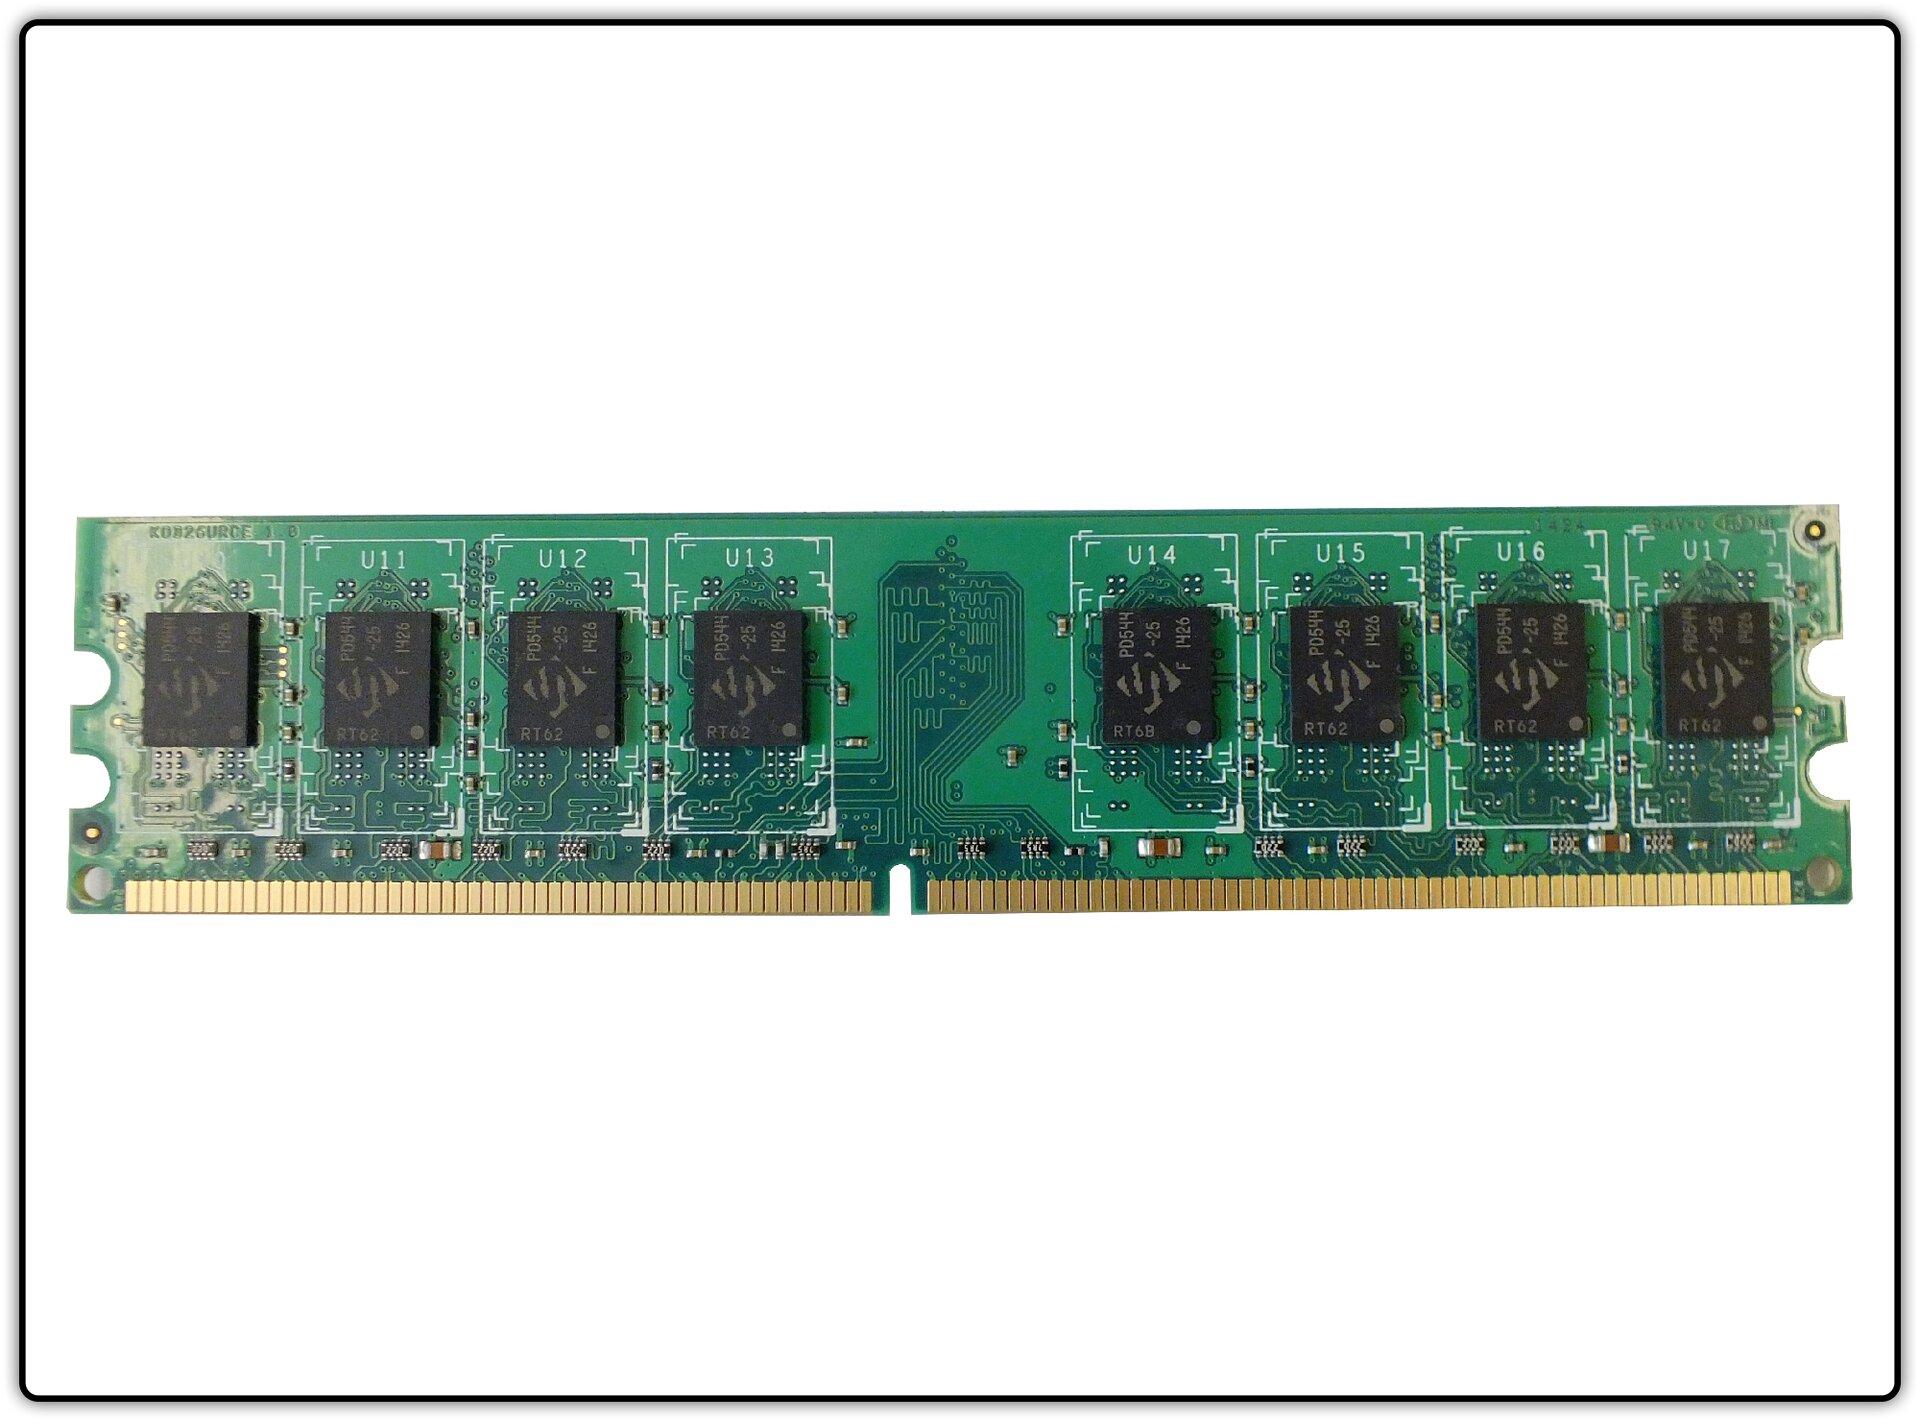 Slajd 3 galerii fotografii modułów pamięci